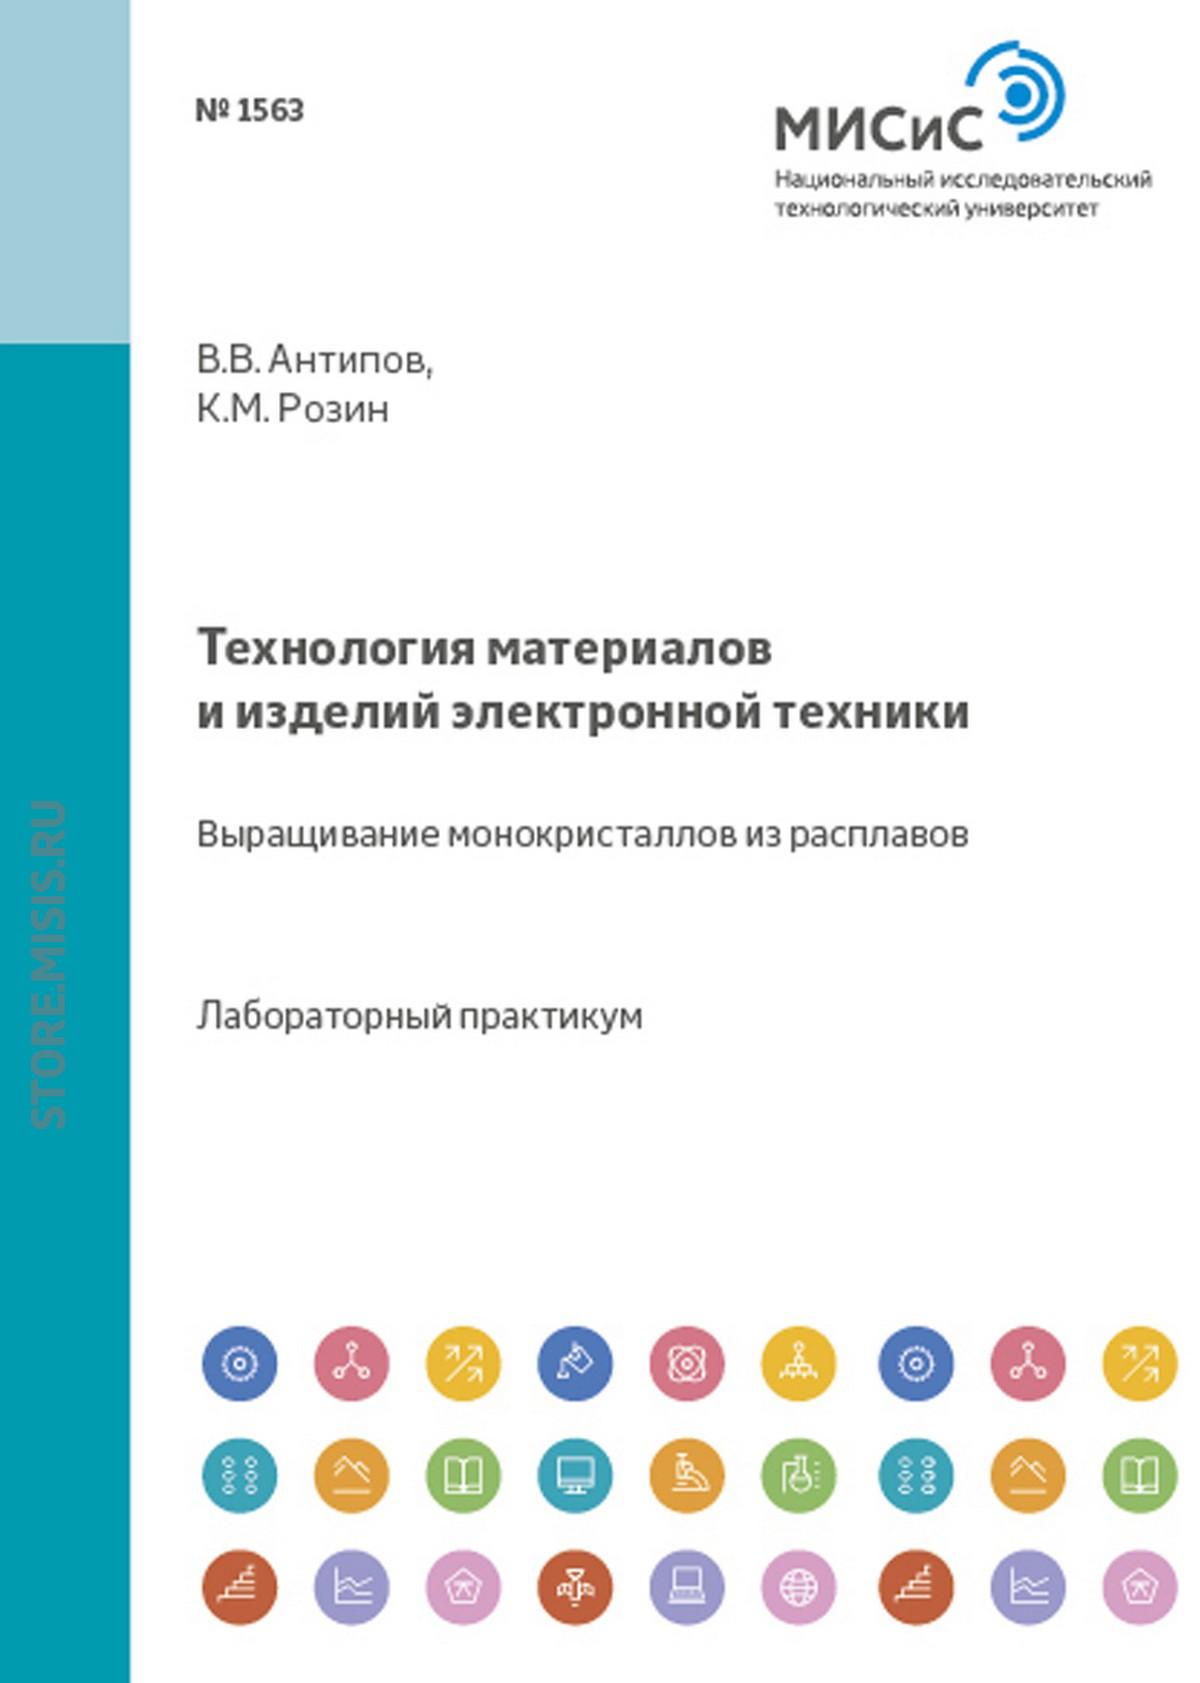 Константин Розин Технология материалов и изделий электронной техники. Выращивание монокристаллов из расплавов